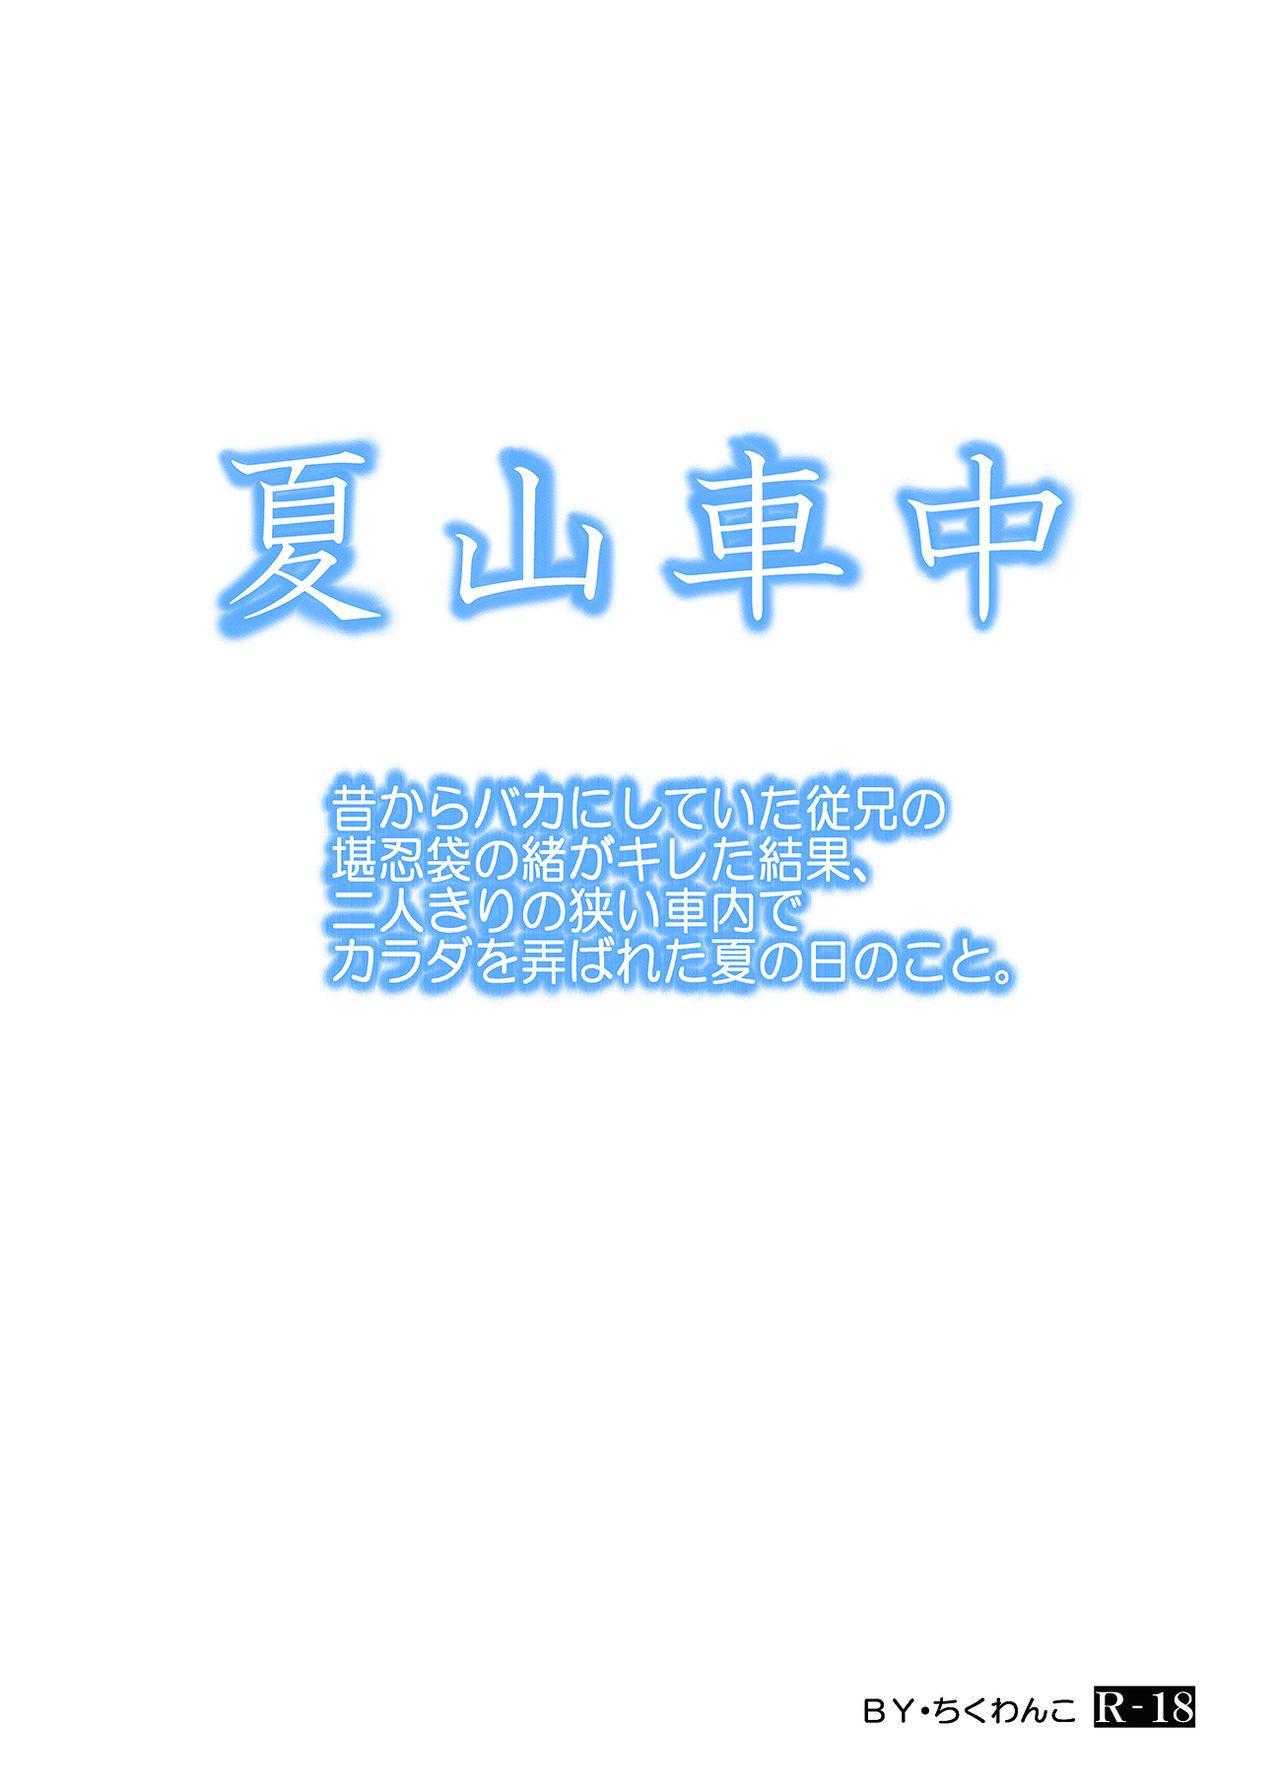 Mukashi kara Baka ni Shiteita Itoko no Kanninbukuro no O ga Kireta Kekka, Futarikiri no Semai Shanai de Karada o Moteasobareta Natsu no Hi no Koto. 5